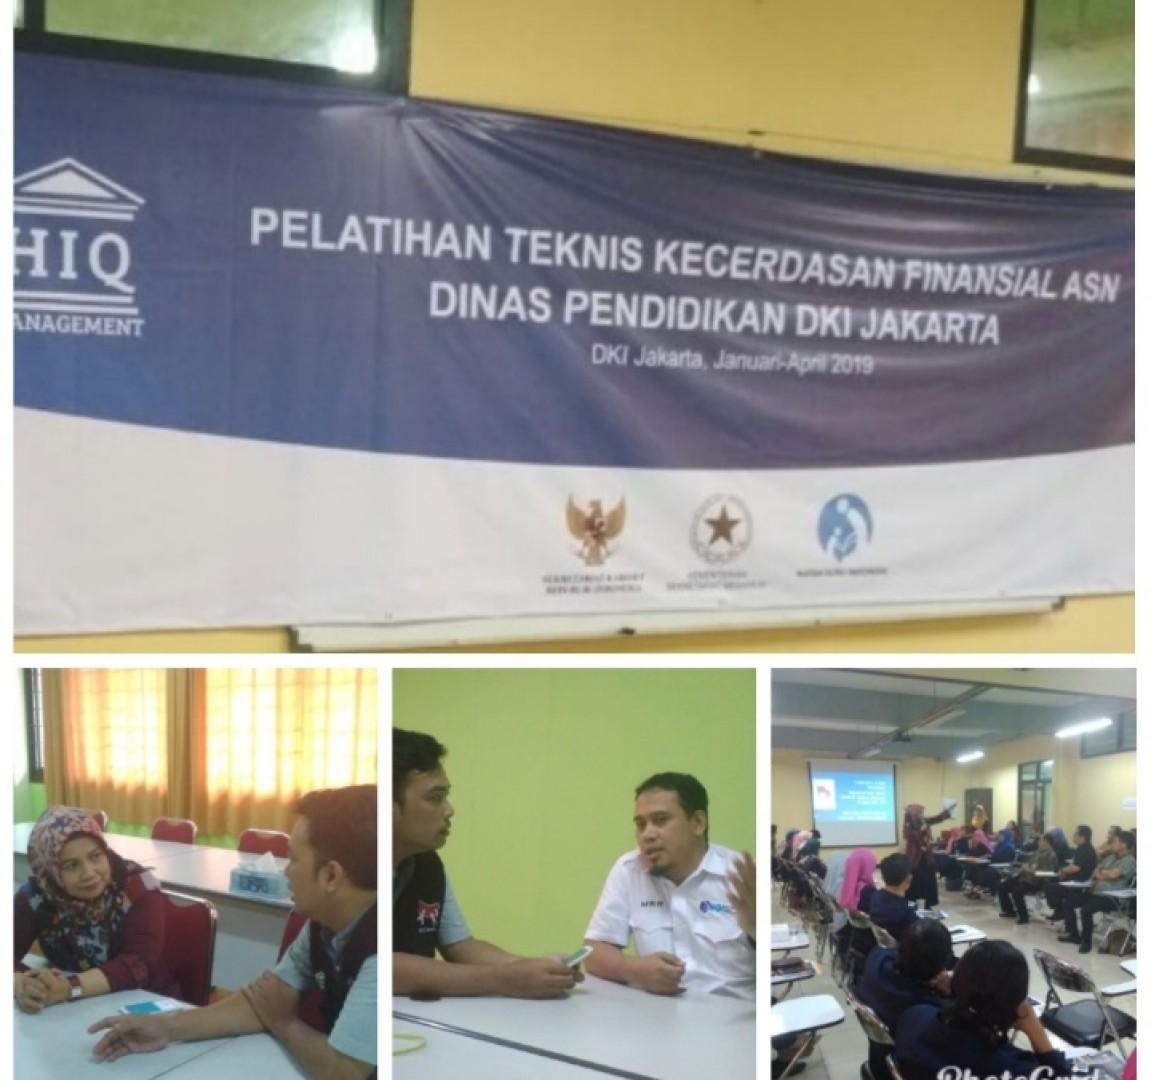 IGI : Kecerdasan Finansial Guru Diasah melalui PelTek Bersama HIQ Management